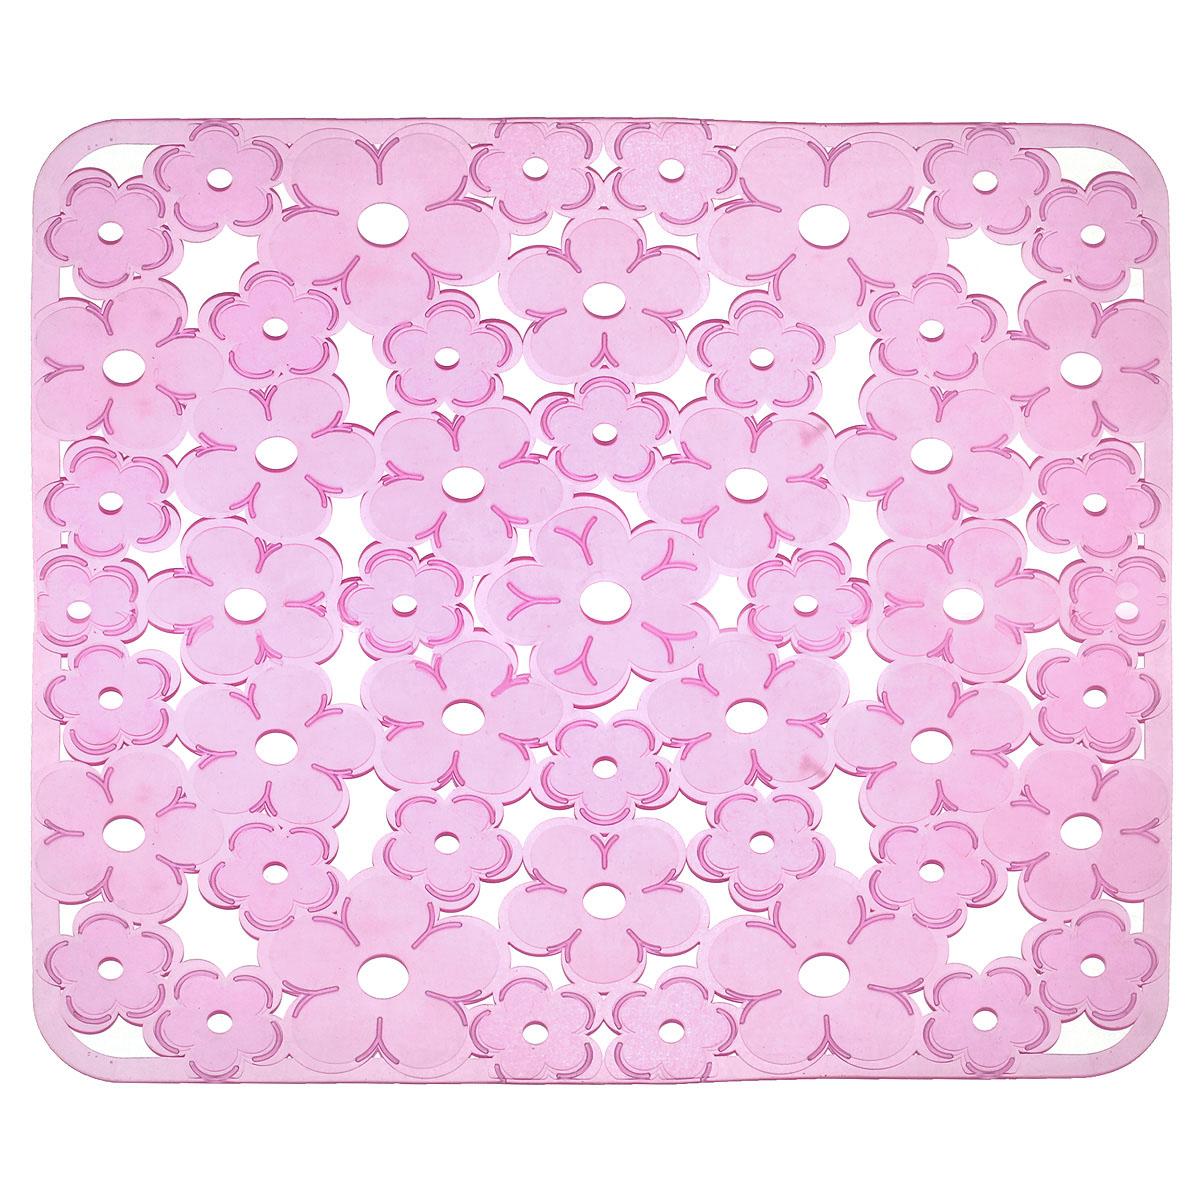 Коврик для раковины Metaltex, цвет: розовый, 32 см х 32 см28.75.38_розовыйКоврик для раковины Metaltex изготовлен из ПВХ с цветочным рисунком. Коврик имеет квадратную форму, поэтому прекрасно подойдет для любых раковин. Такой коврик защитит вашу посуду во время мытья, а также предотвратит засор труб, задерживая остатки пищи. Товар сертифицирован.